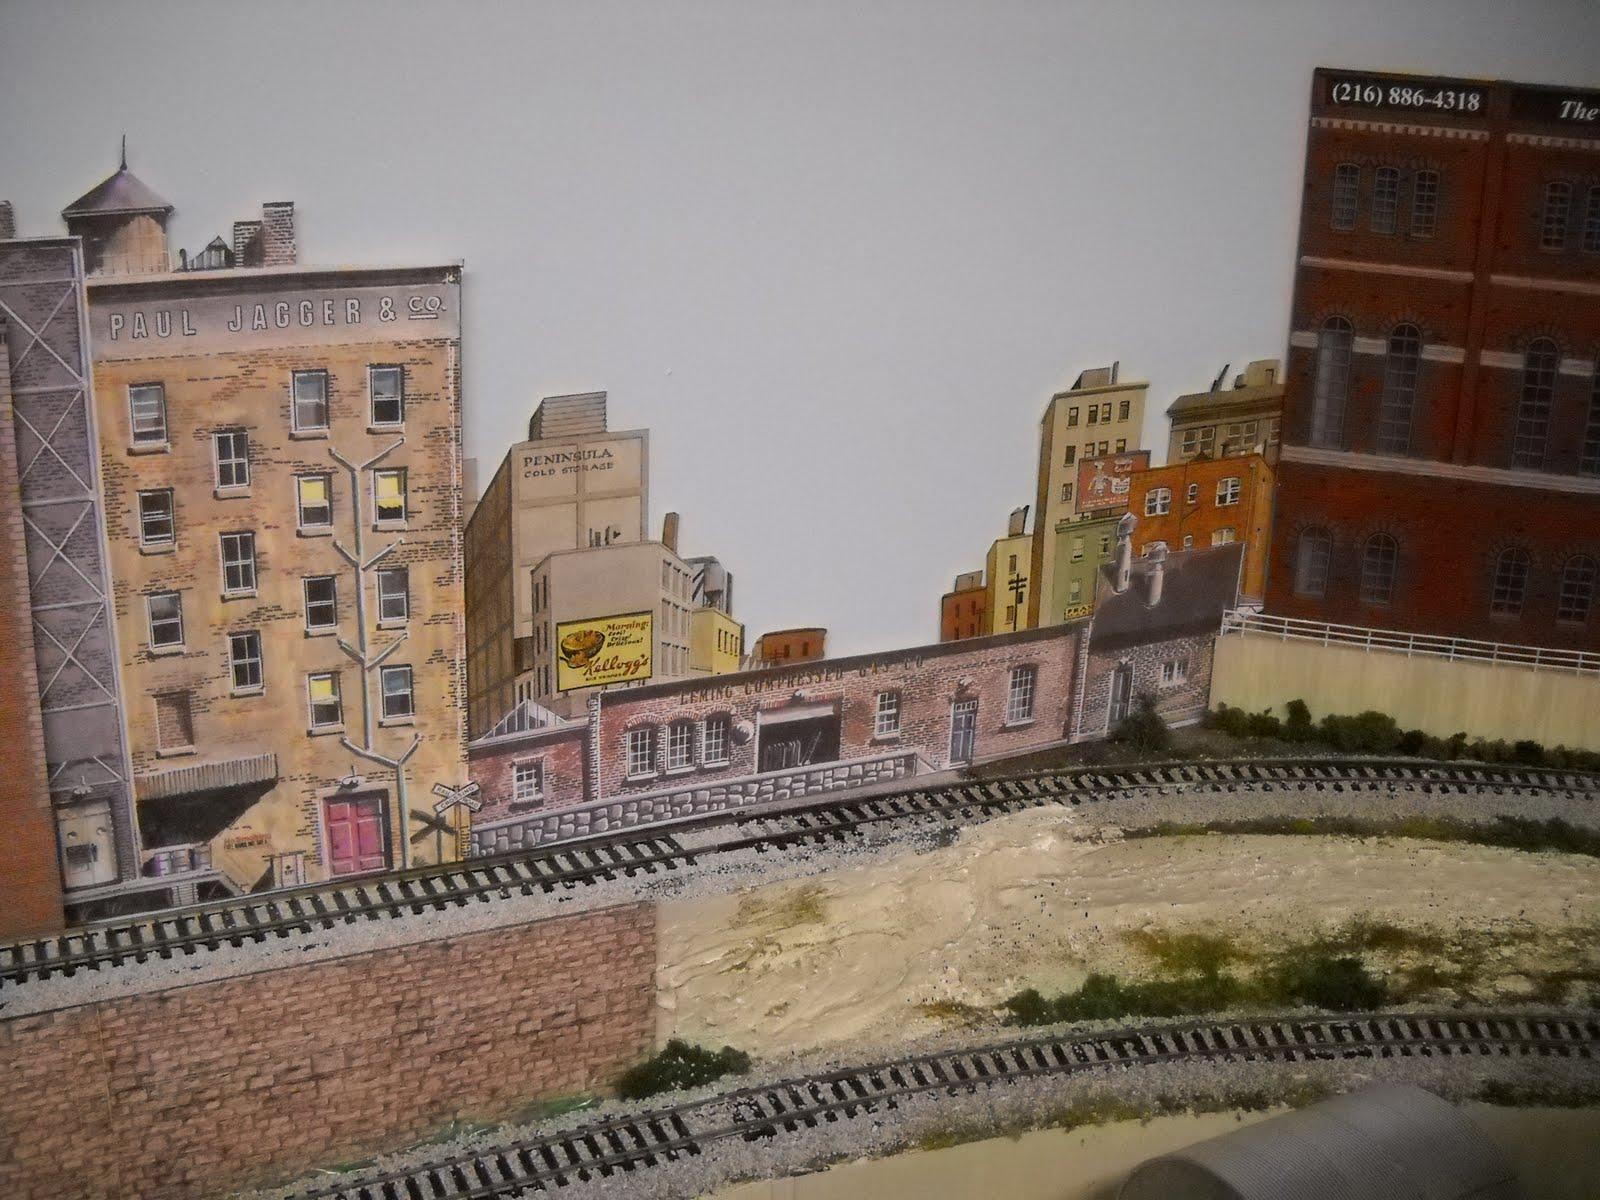 Small rails how to make ho scale backdrops - Model railroad backdrops ...